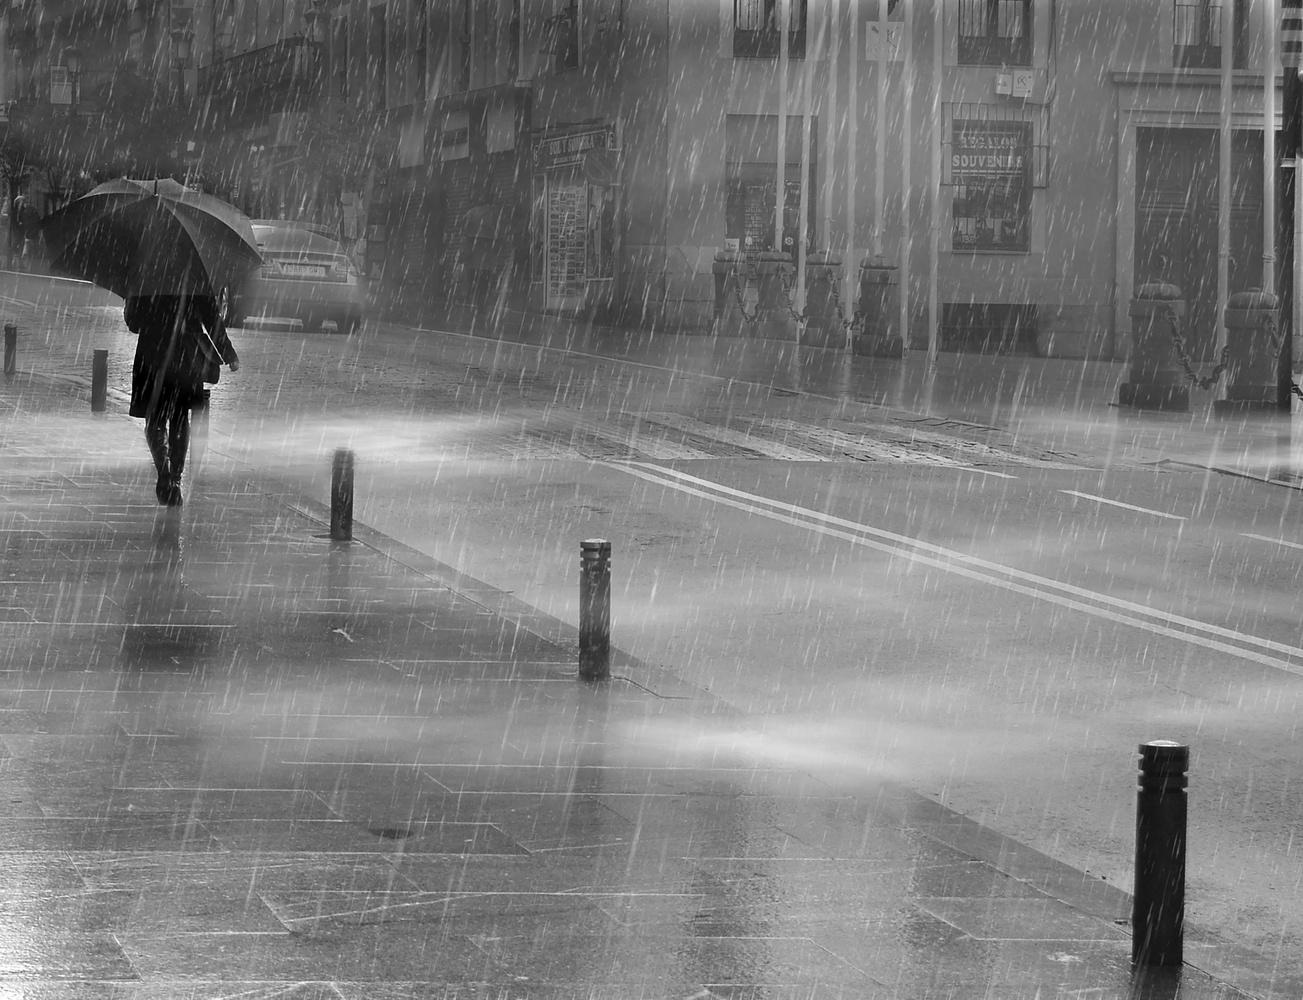 Urban rain by Mariano de Miguel